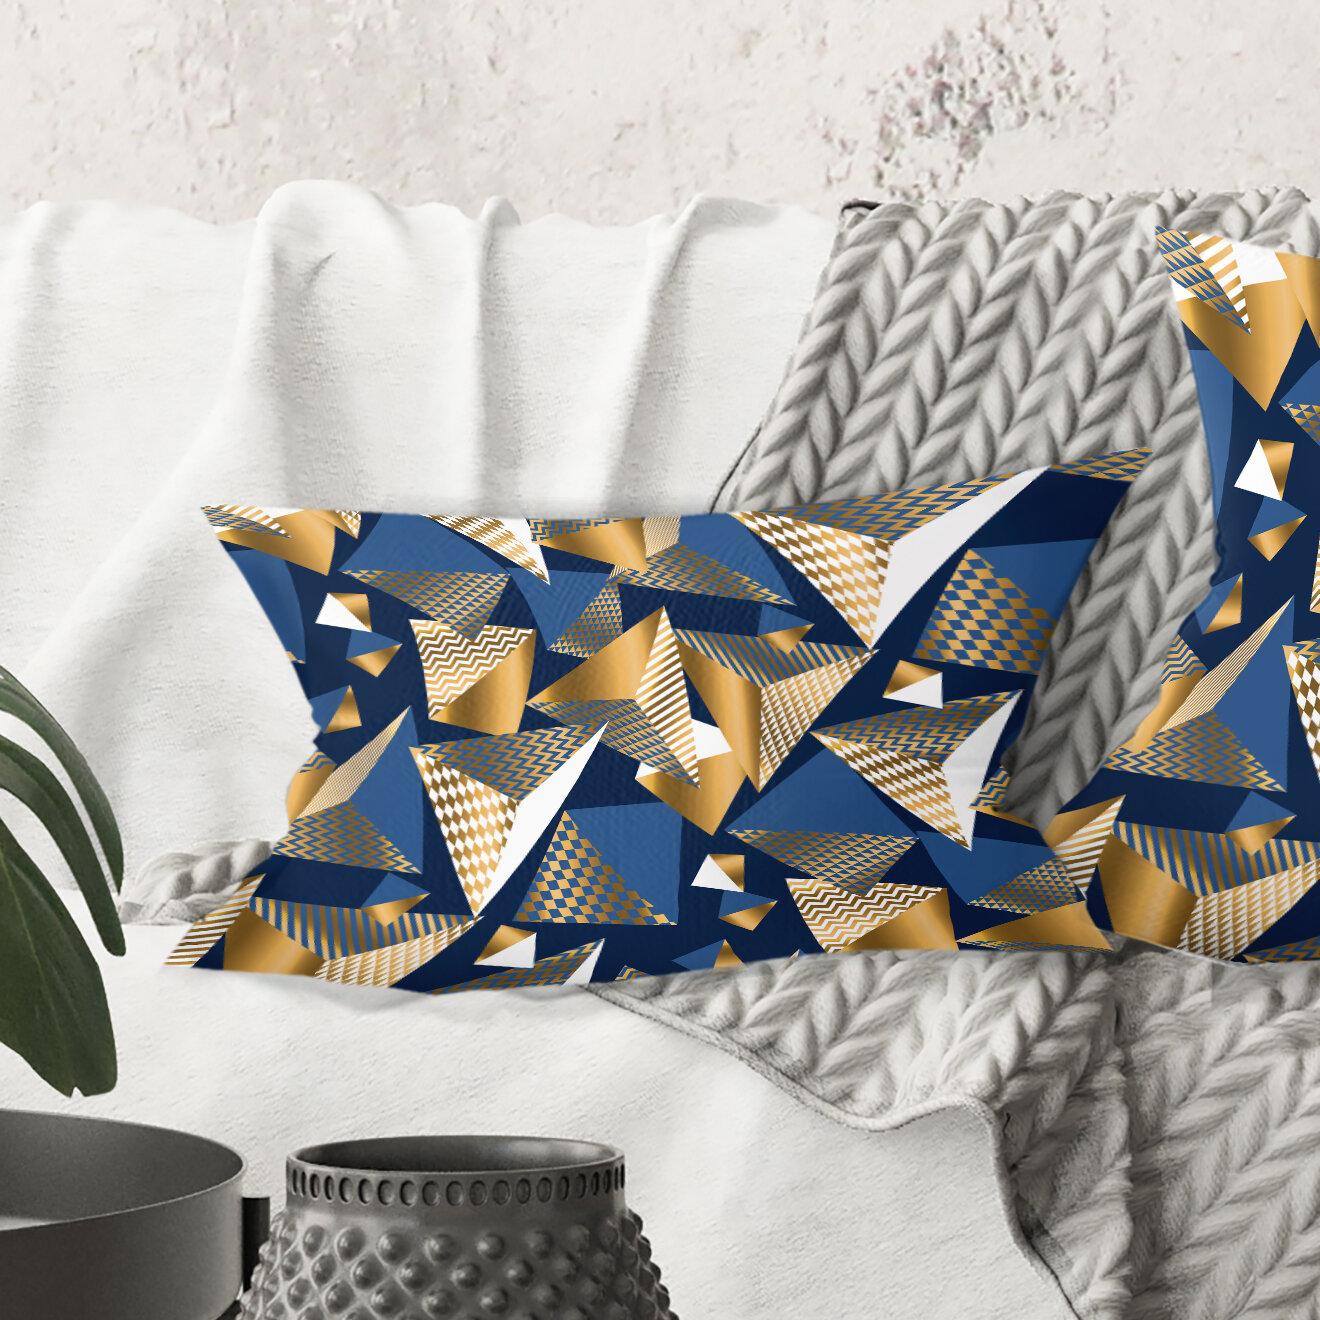 East Urban Home Cubes Lumbar Pillow Wayfair